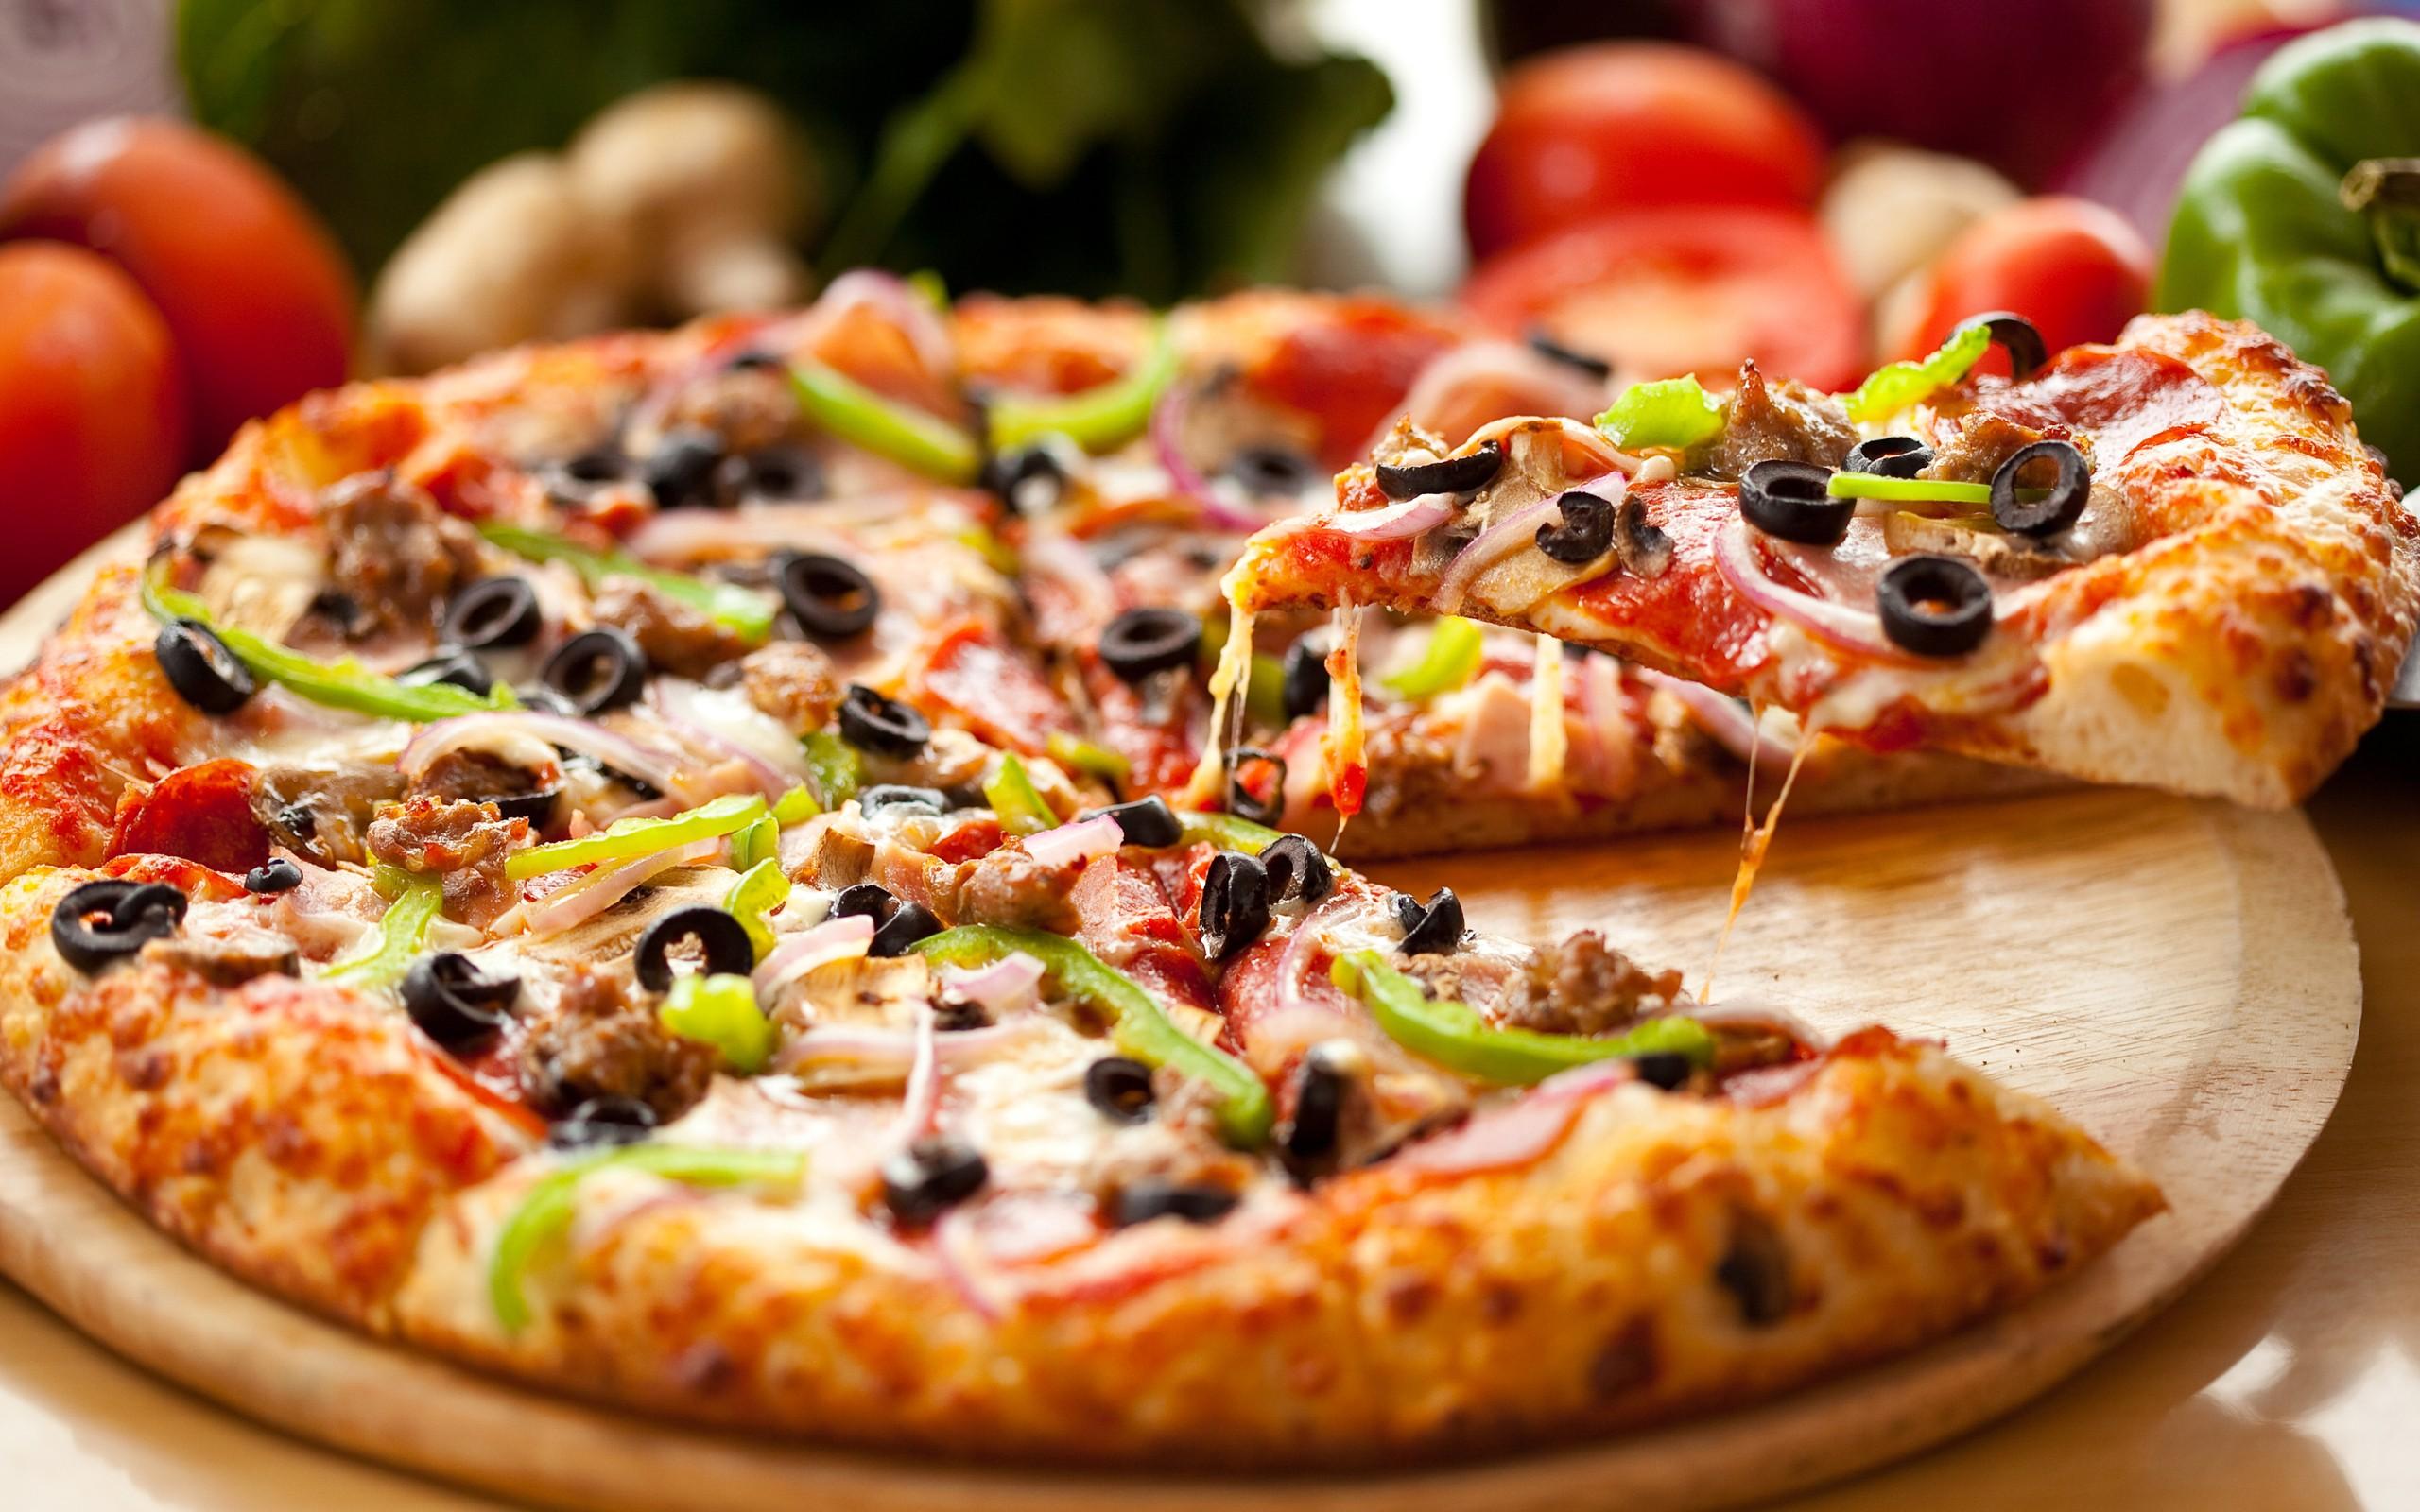 mo cua hang pizza can chuan bi nhung gi 2